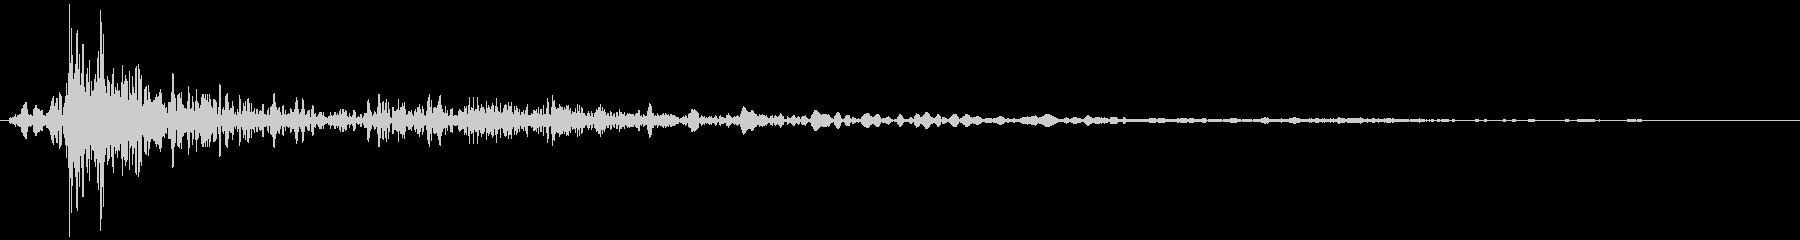 大型ツインドアロッカー:両方のドア...の未再生の波形